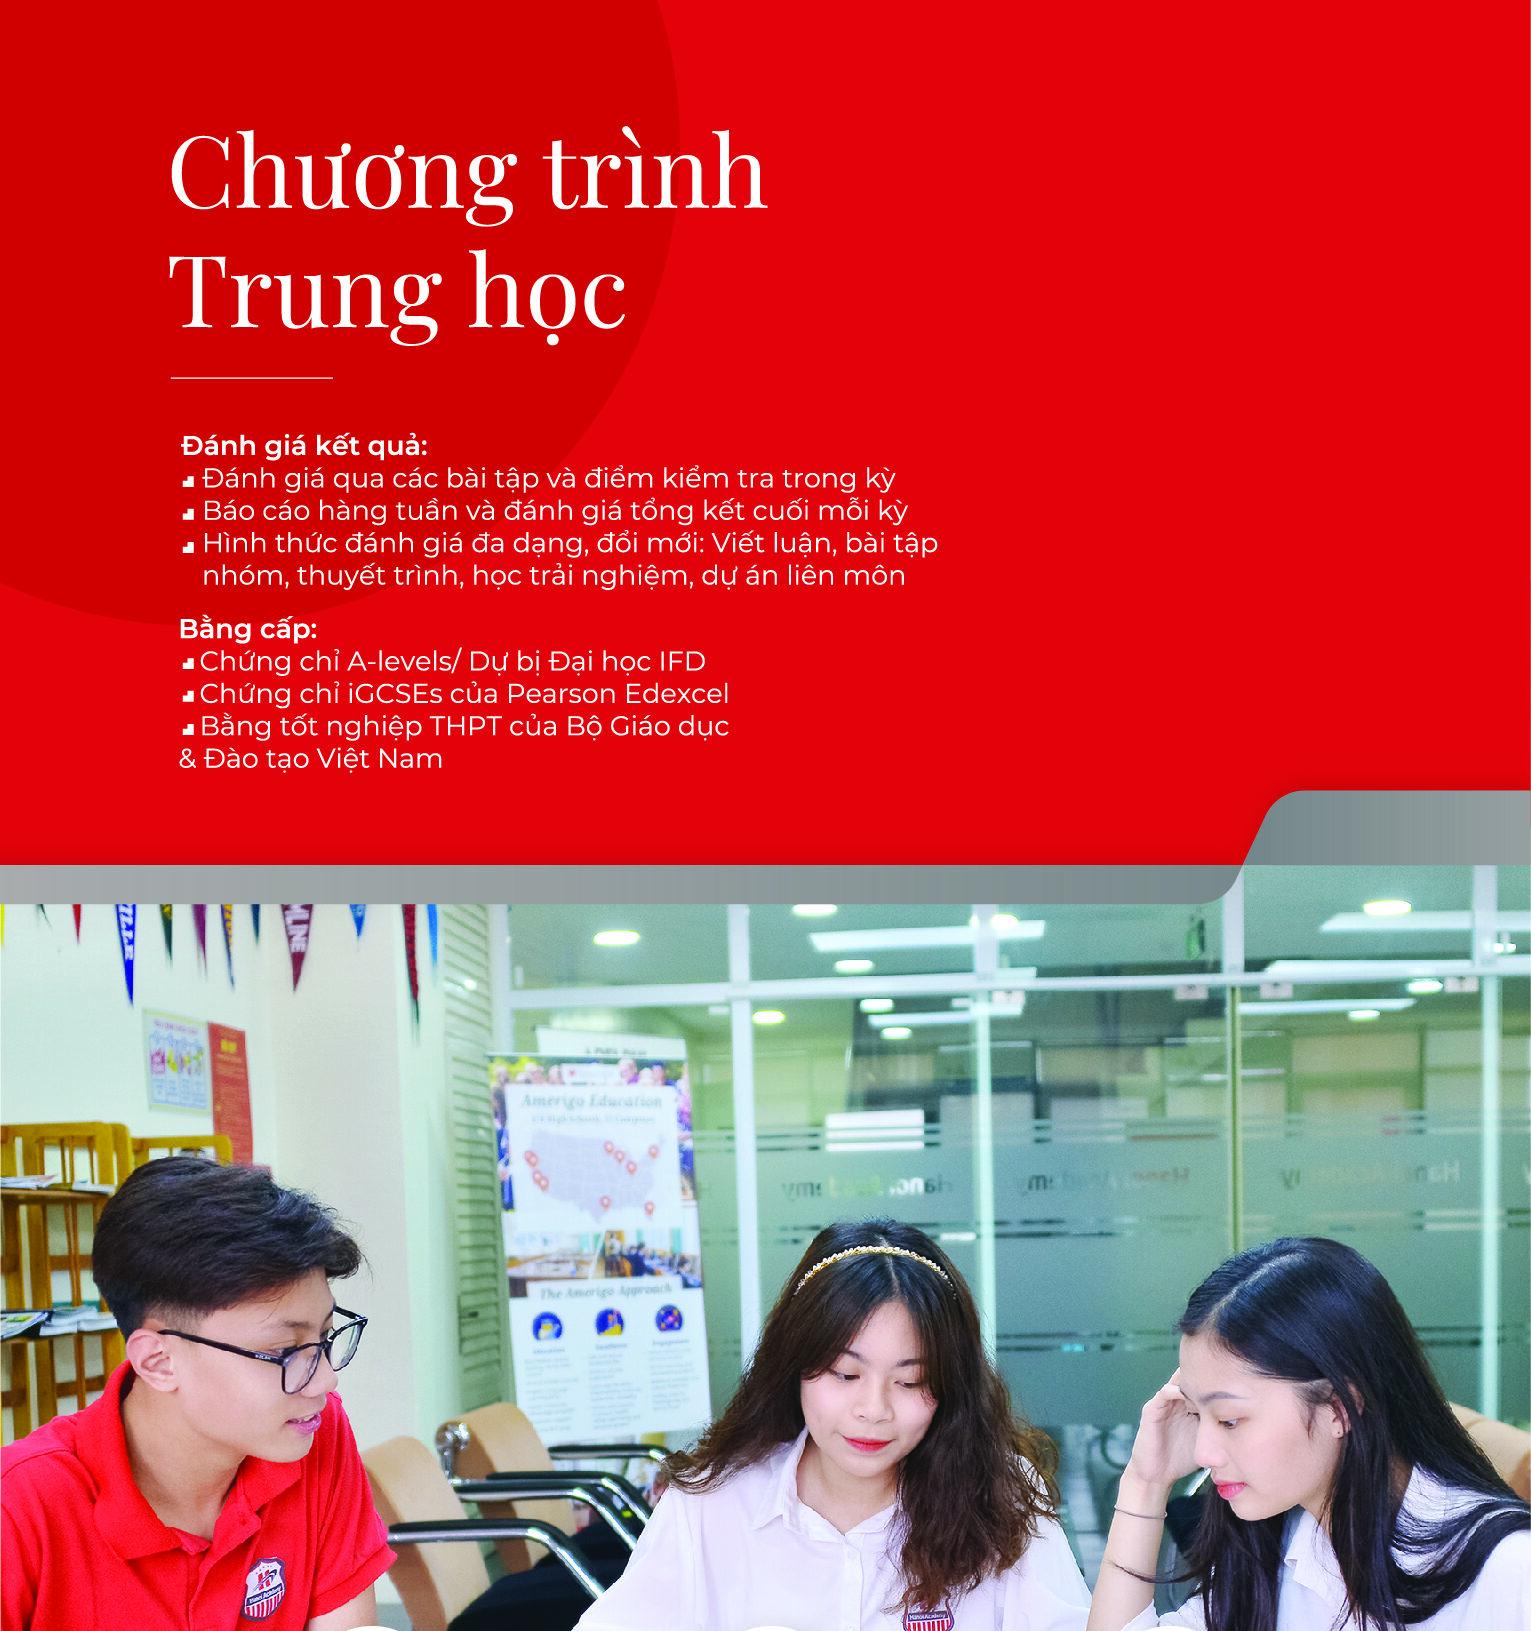 Chương trình trung học cơ sở Hanoi Academy Trung học cơ sở